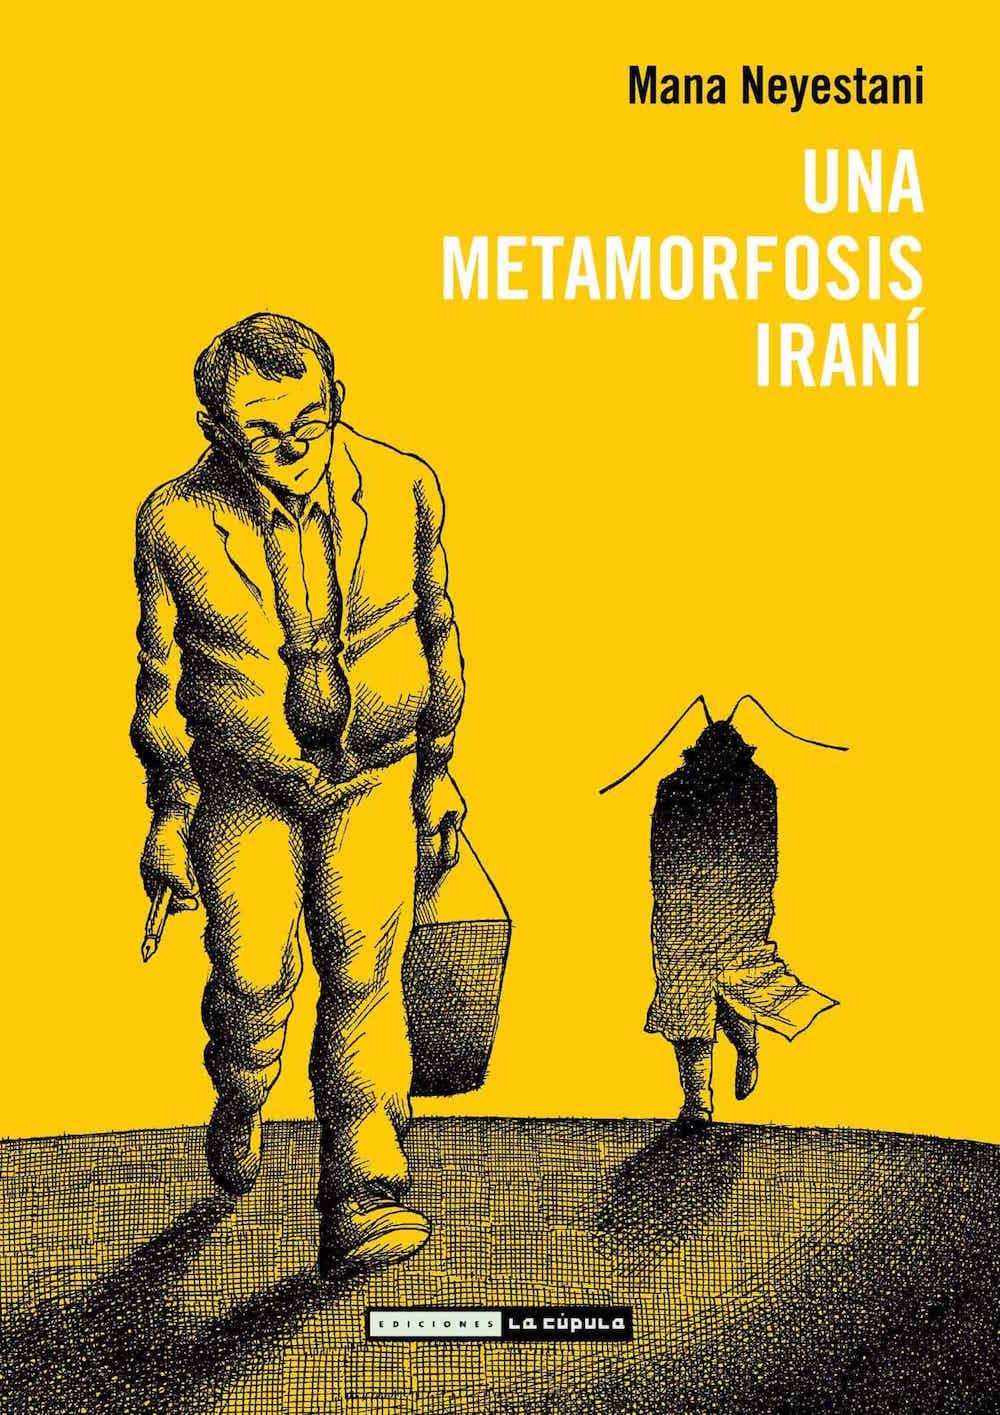 UNA METAMORFOSIS IRANI